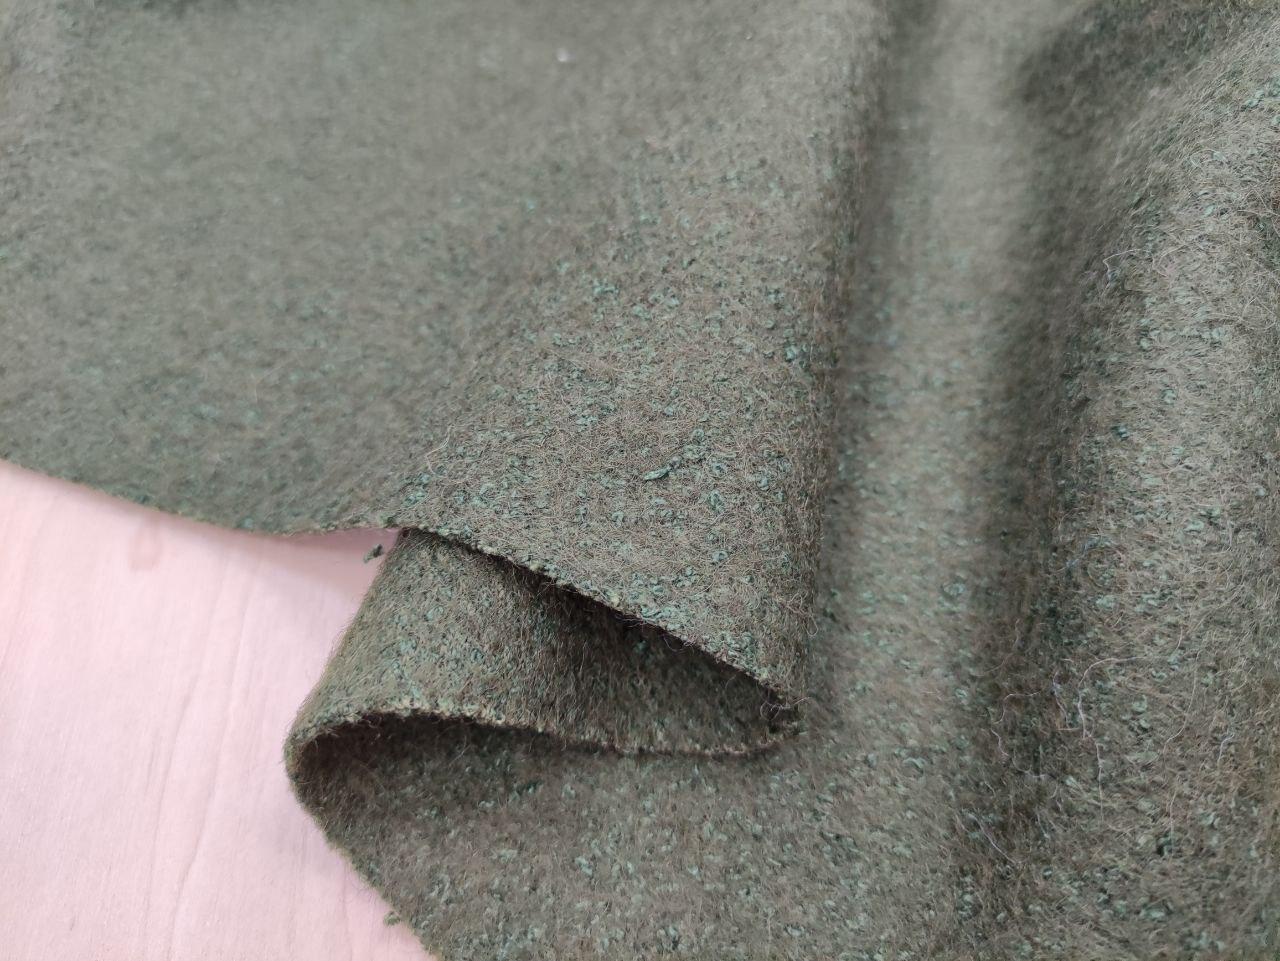 Купить ткань из валяной шерсти перья петуха на ленте купить в москве